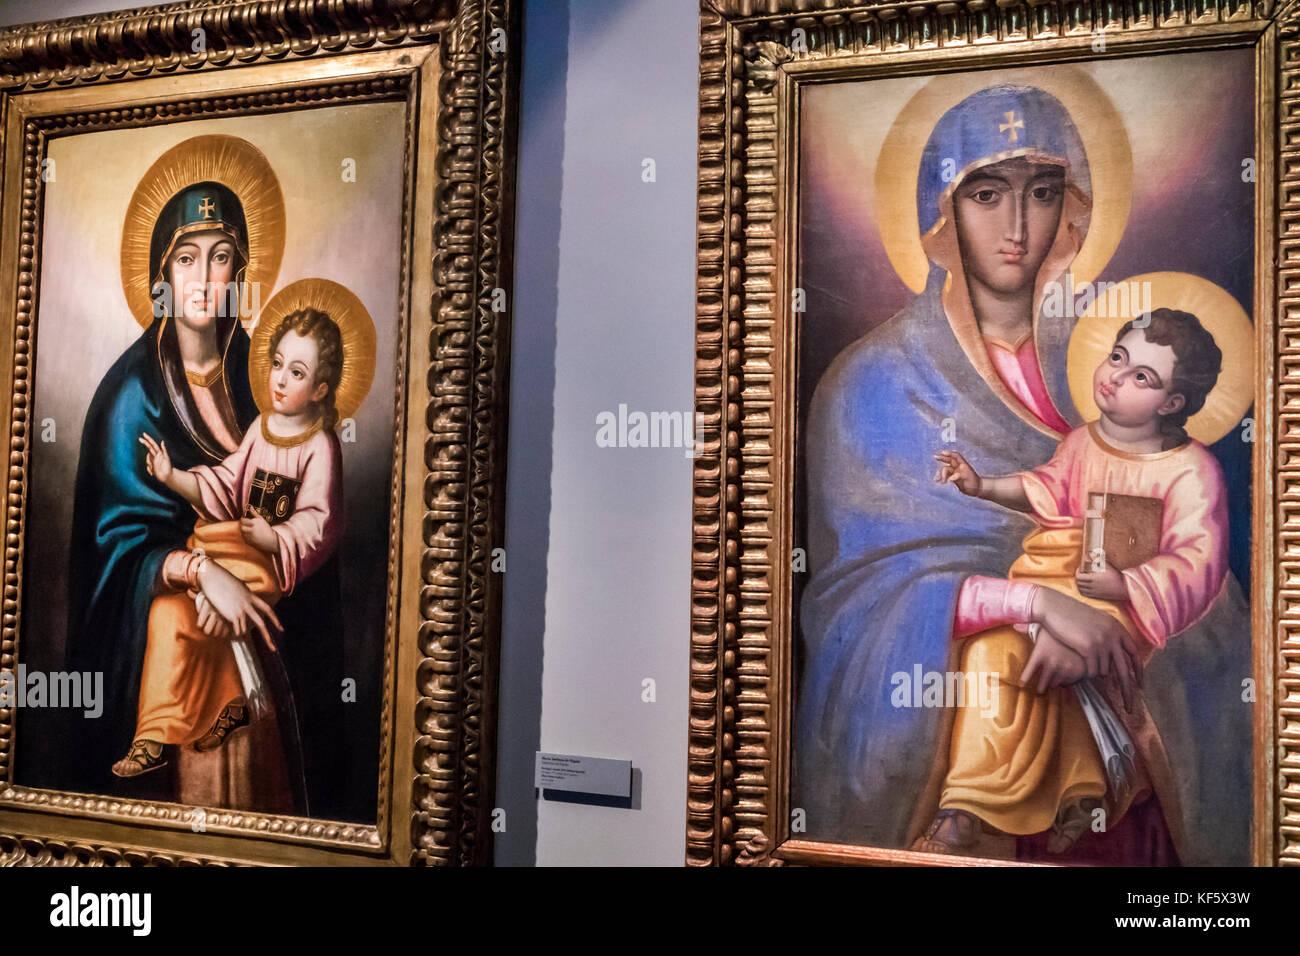 Lisbon Portugal Bairro Alto Museu de Sao Roque Saint Roch museum exhibit Catholic religion sacred artworks religious - Stock Image